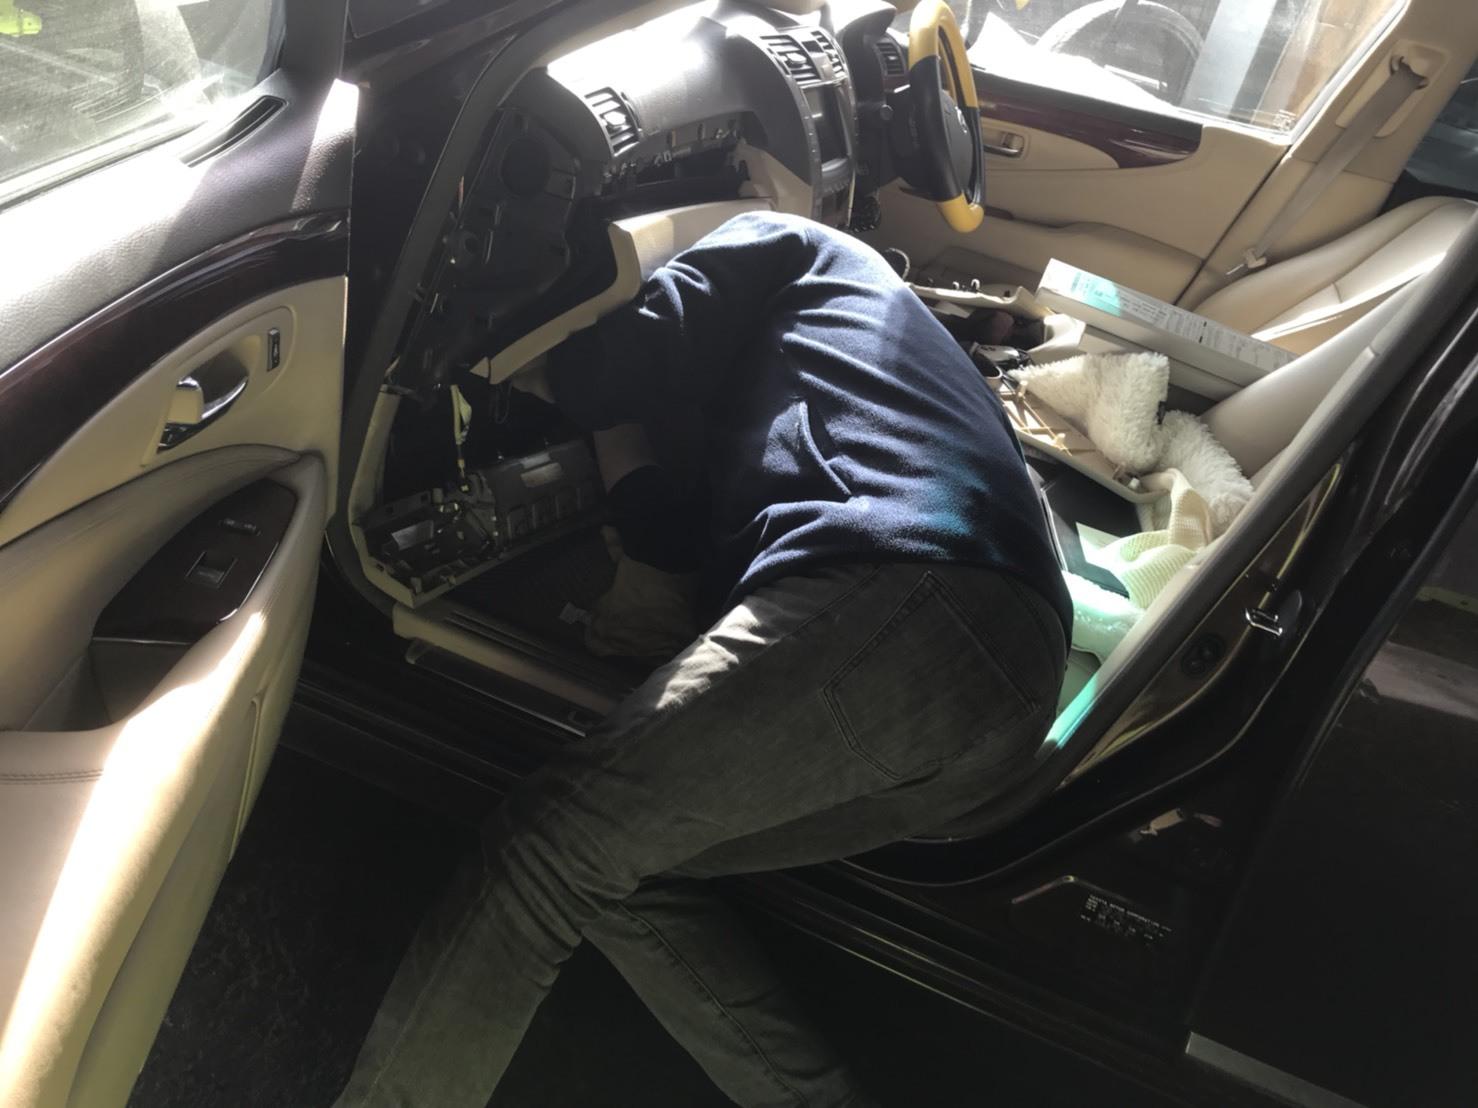 3月30日(金)トミーベース カスタムブログ☆S社様、新車のヴェルファイア到着☆カマロカスタム中☆_b0127002_11183611.jpg